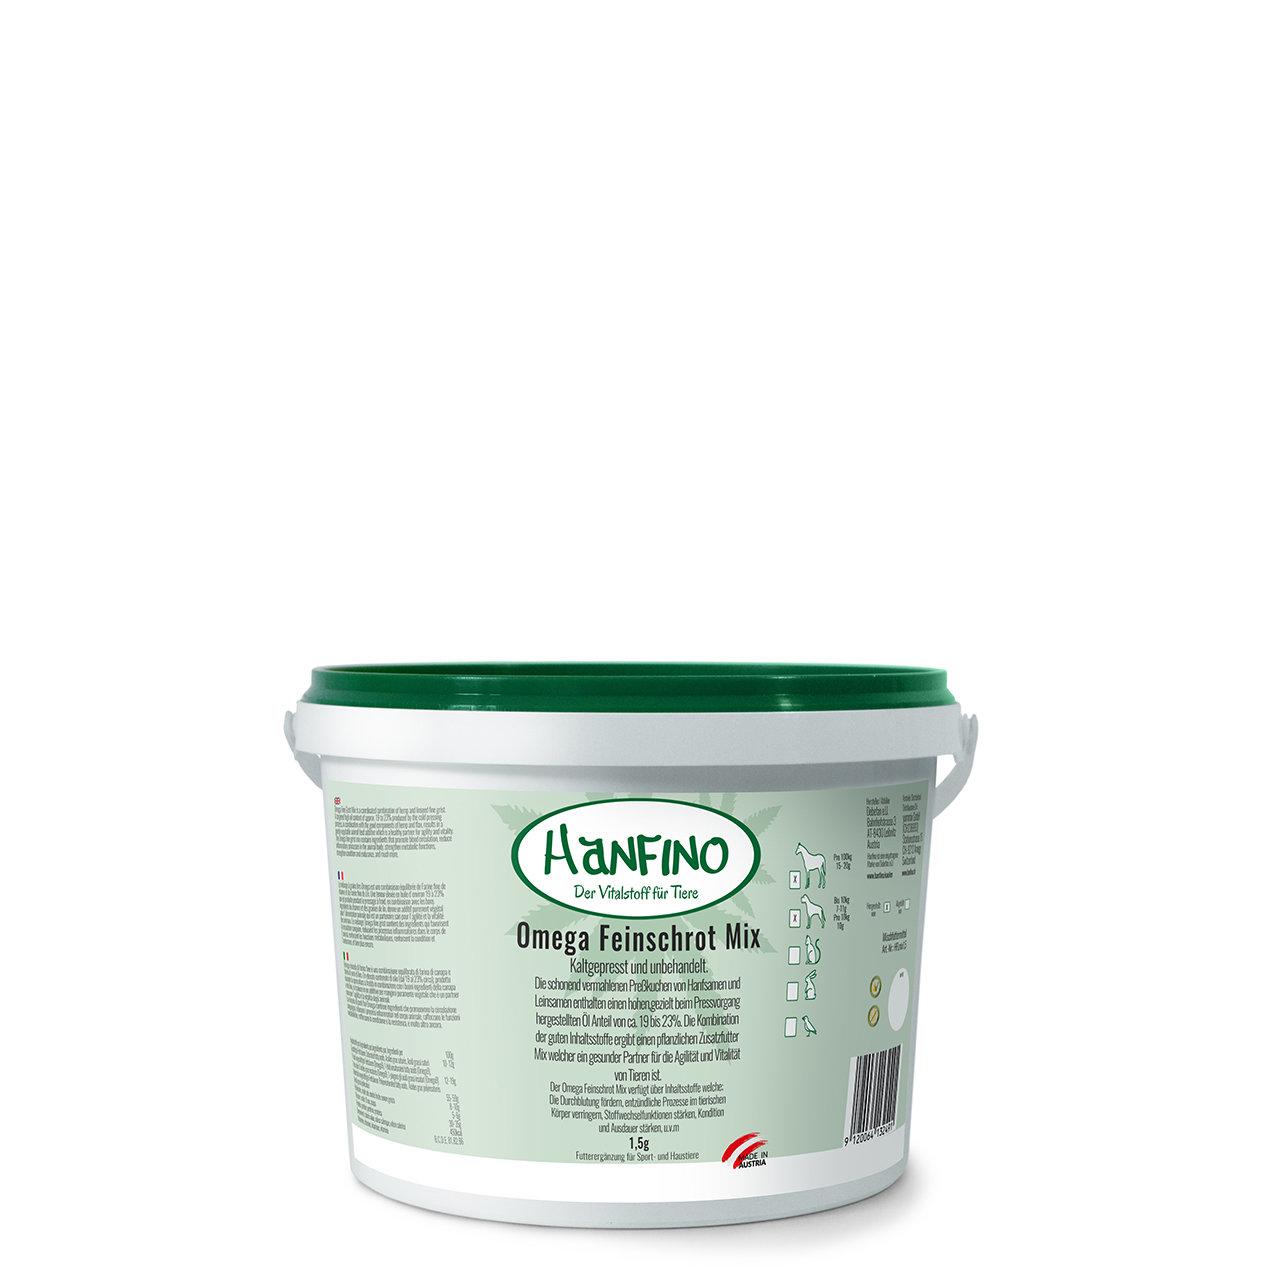 Hanfino Omega Feinschrot Mix Hanf_Leinsamen 00354